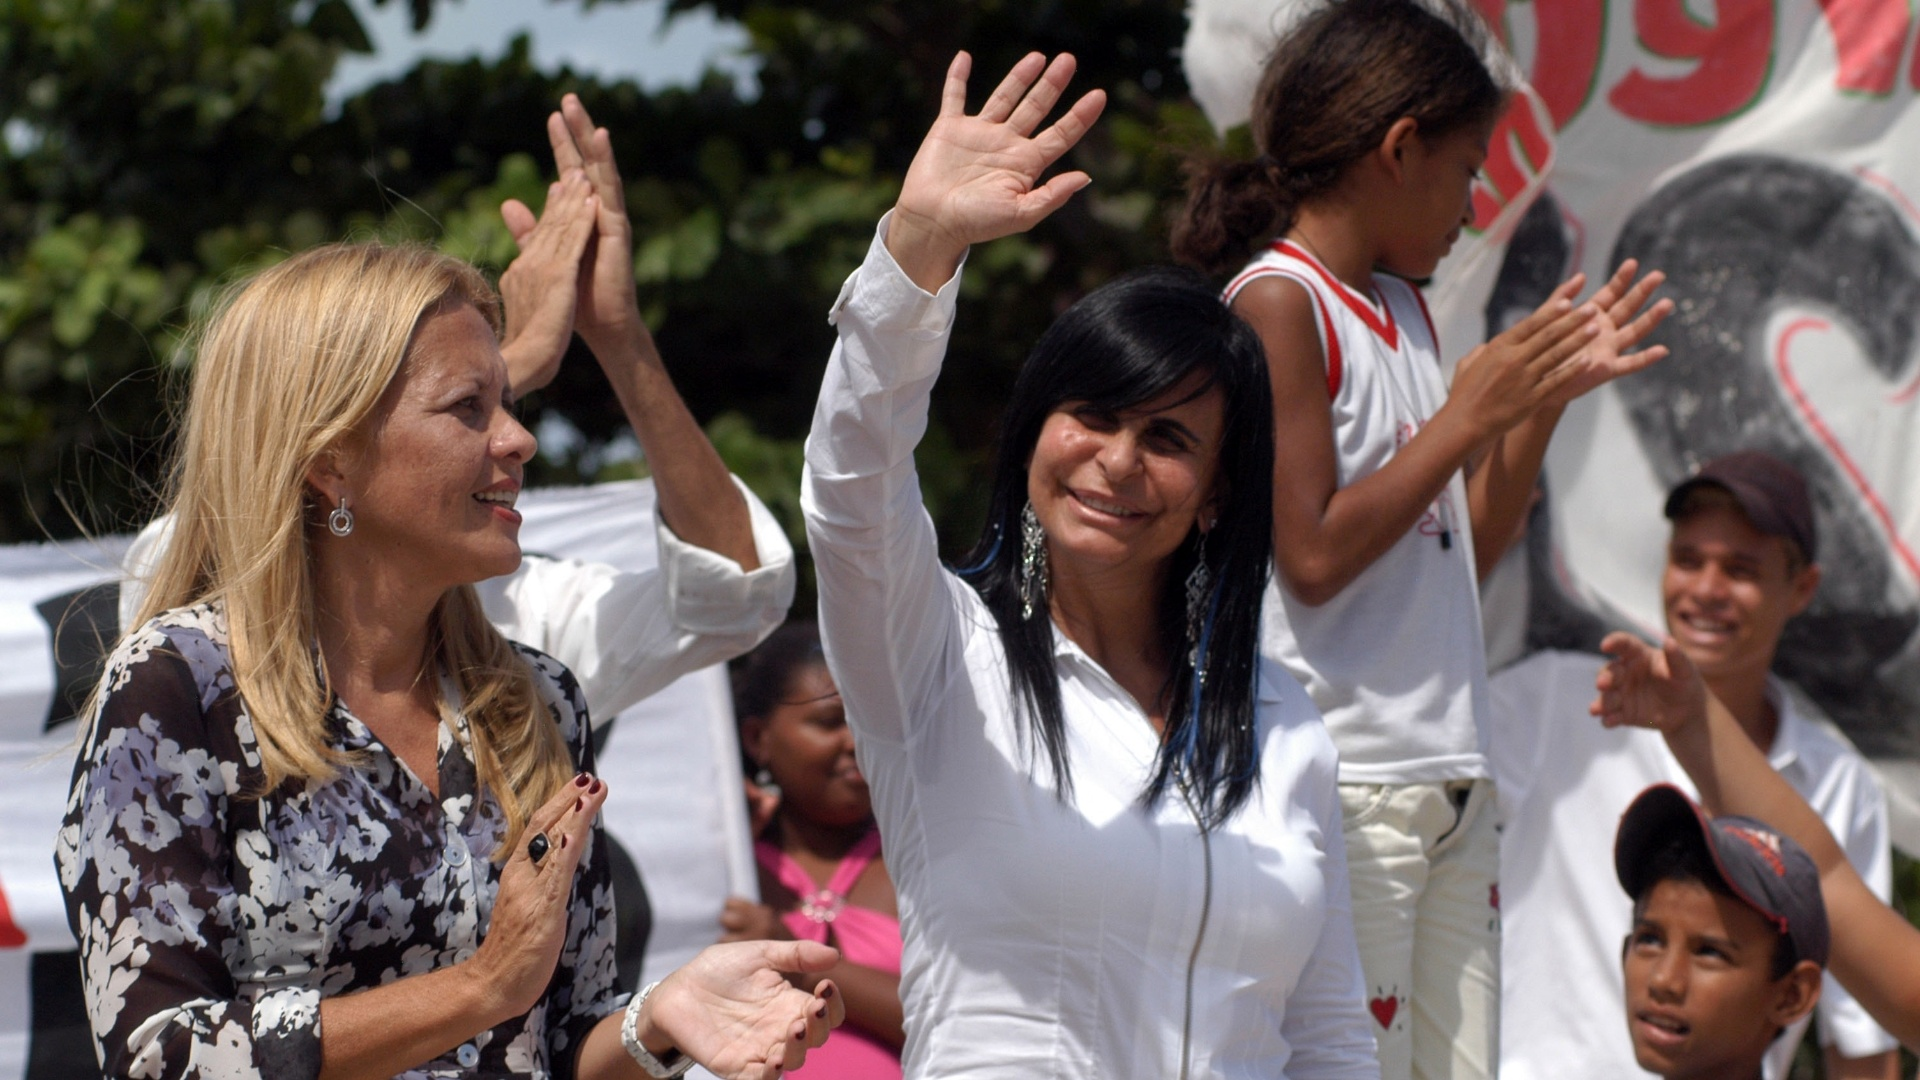 29.jul.2008 - Gretchen tentou entrar para a política, mas não deu certo. Ela foi candidata a Prefeitura de Itamaracá e durante meses percorreu a cidade ao lado de sua vice Anne Tavares